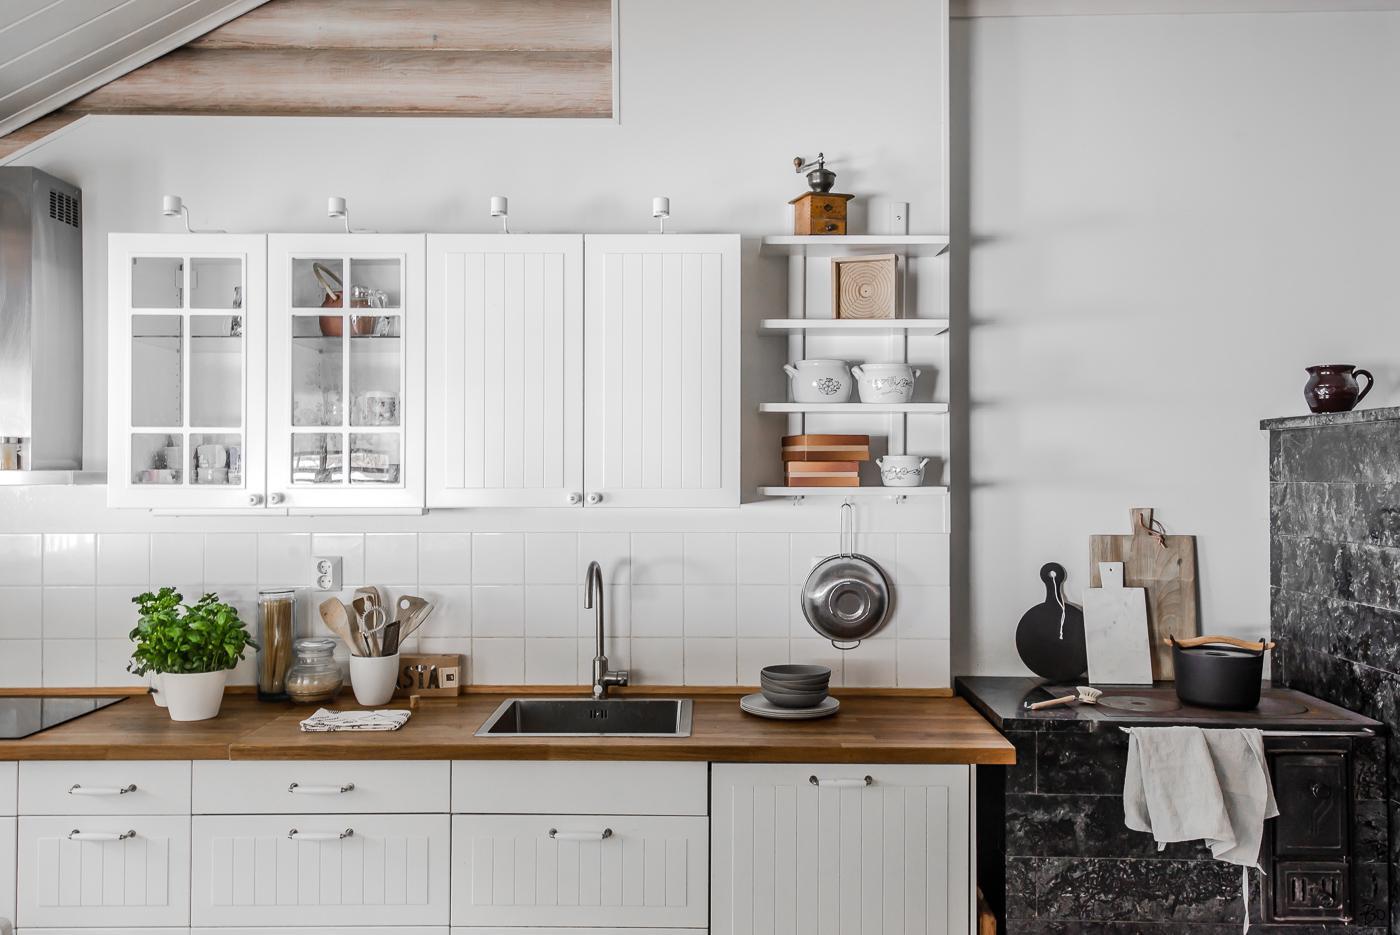 Hirsitalon kodikas keittiö puuliedellä  Etuovi com Ideat & vinkit